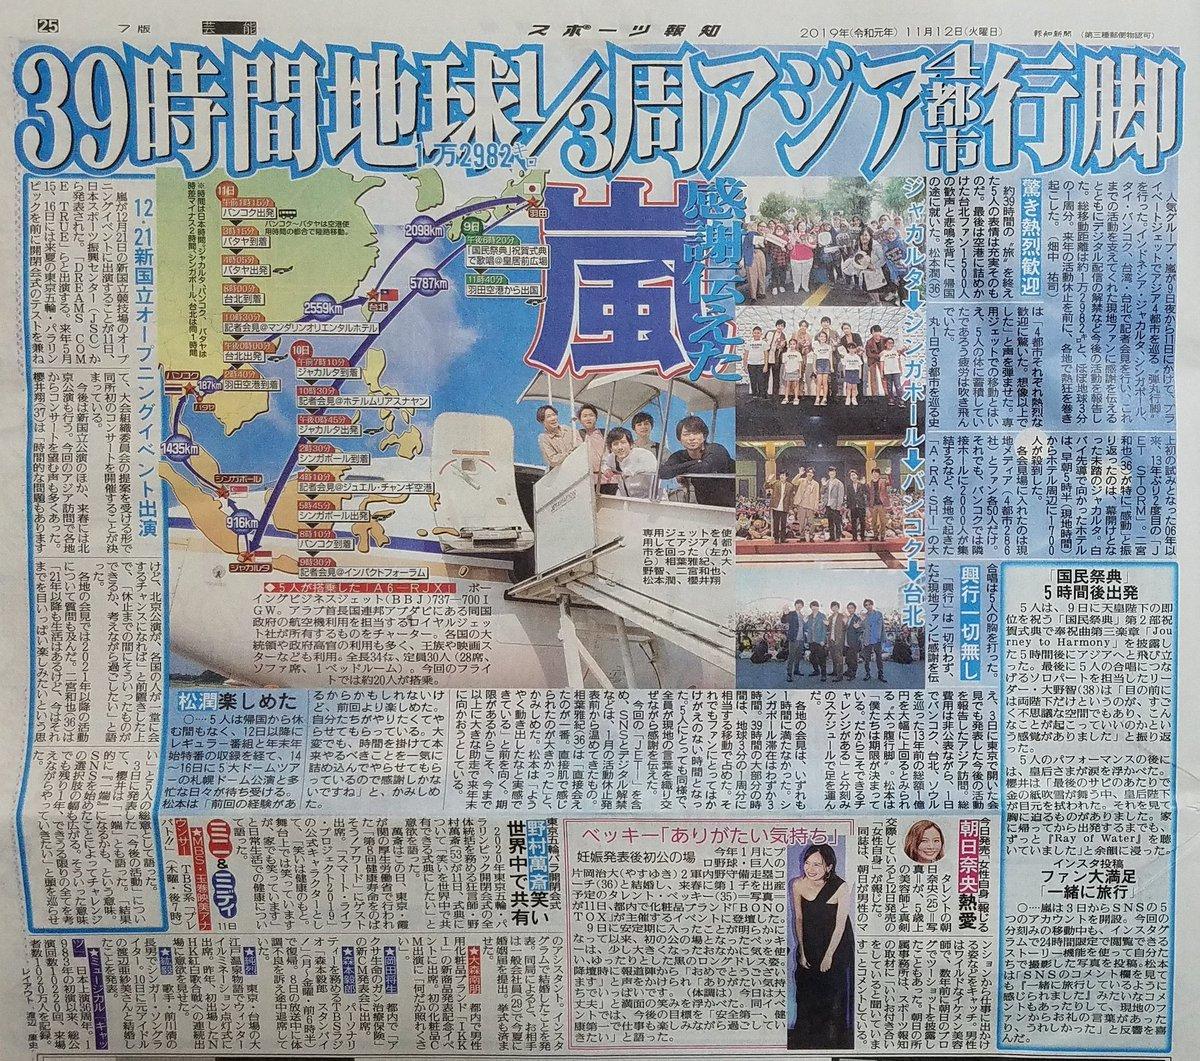 嵐、アジア4都市で記者会見。12月21日の新国立競技場オープニングイベントに出席。《スポーツ報知》